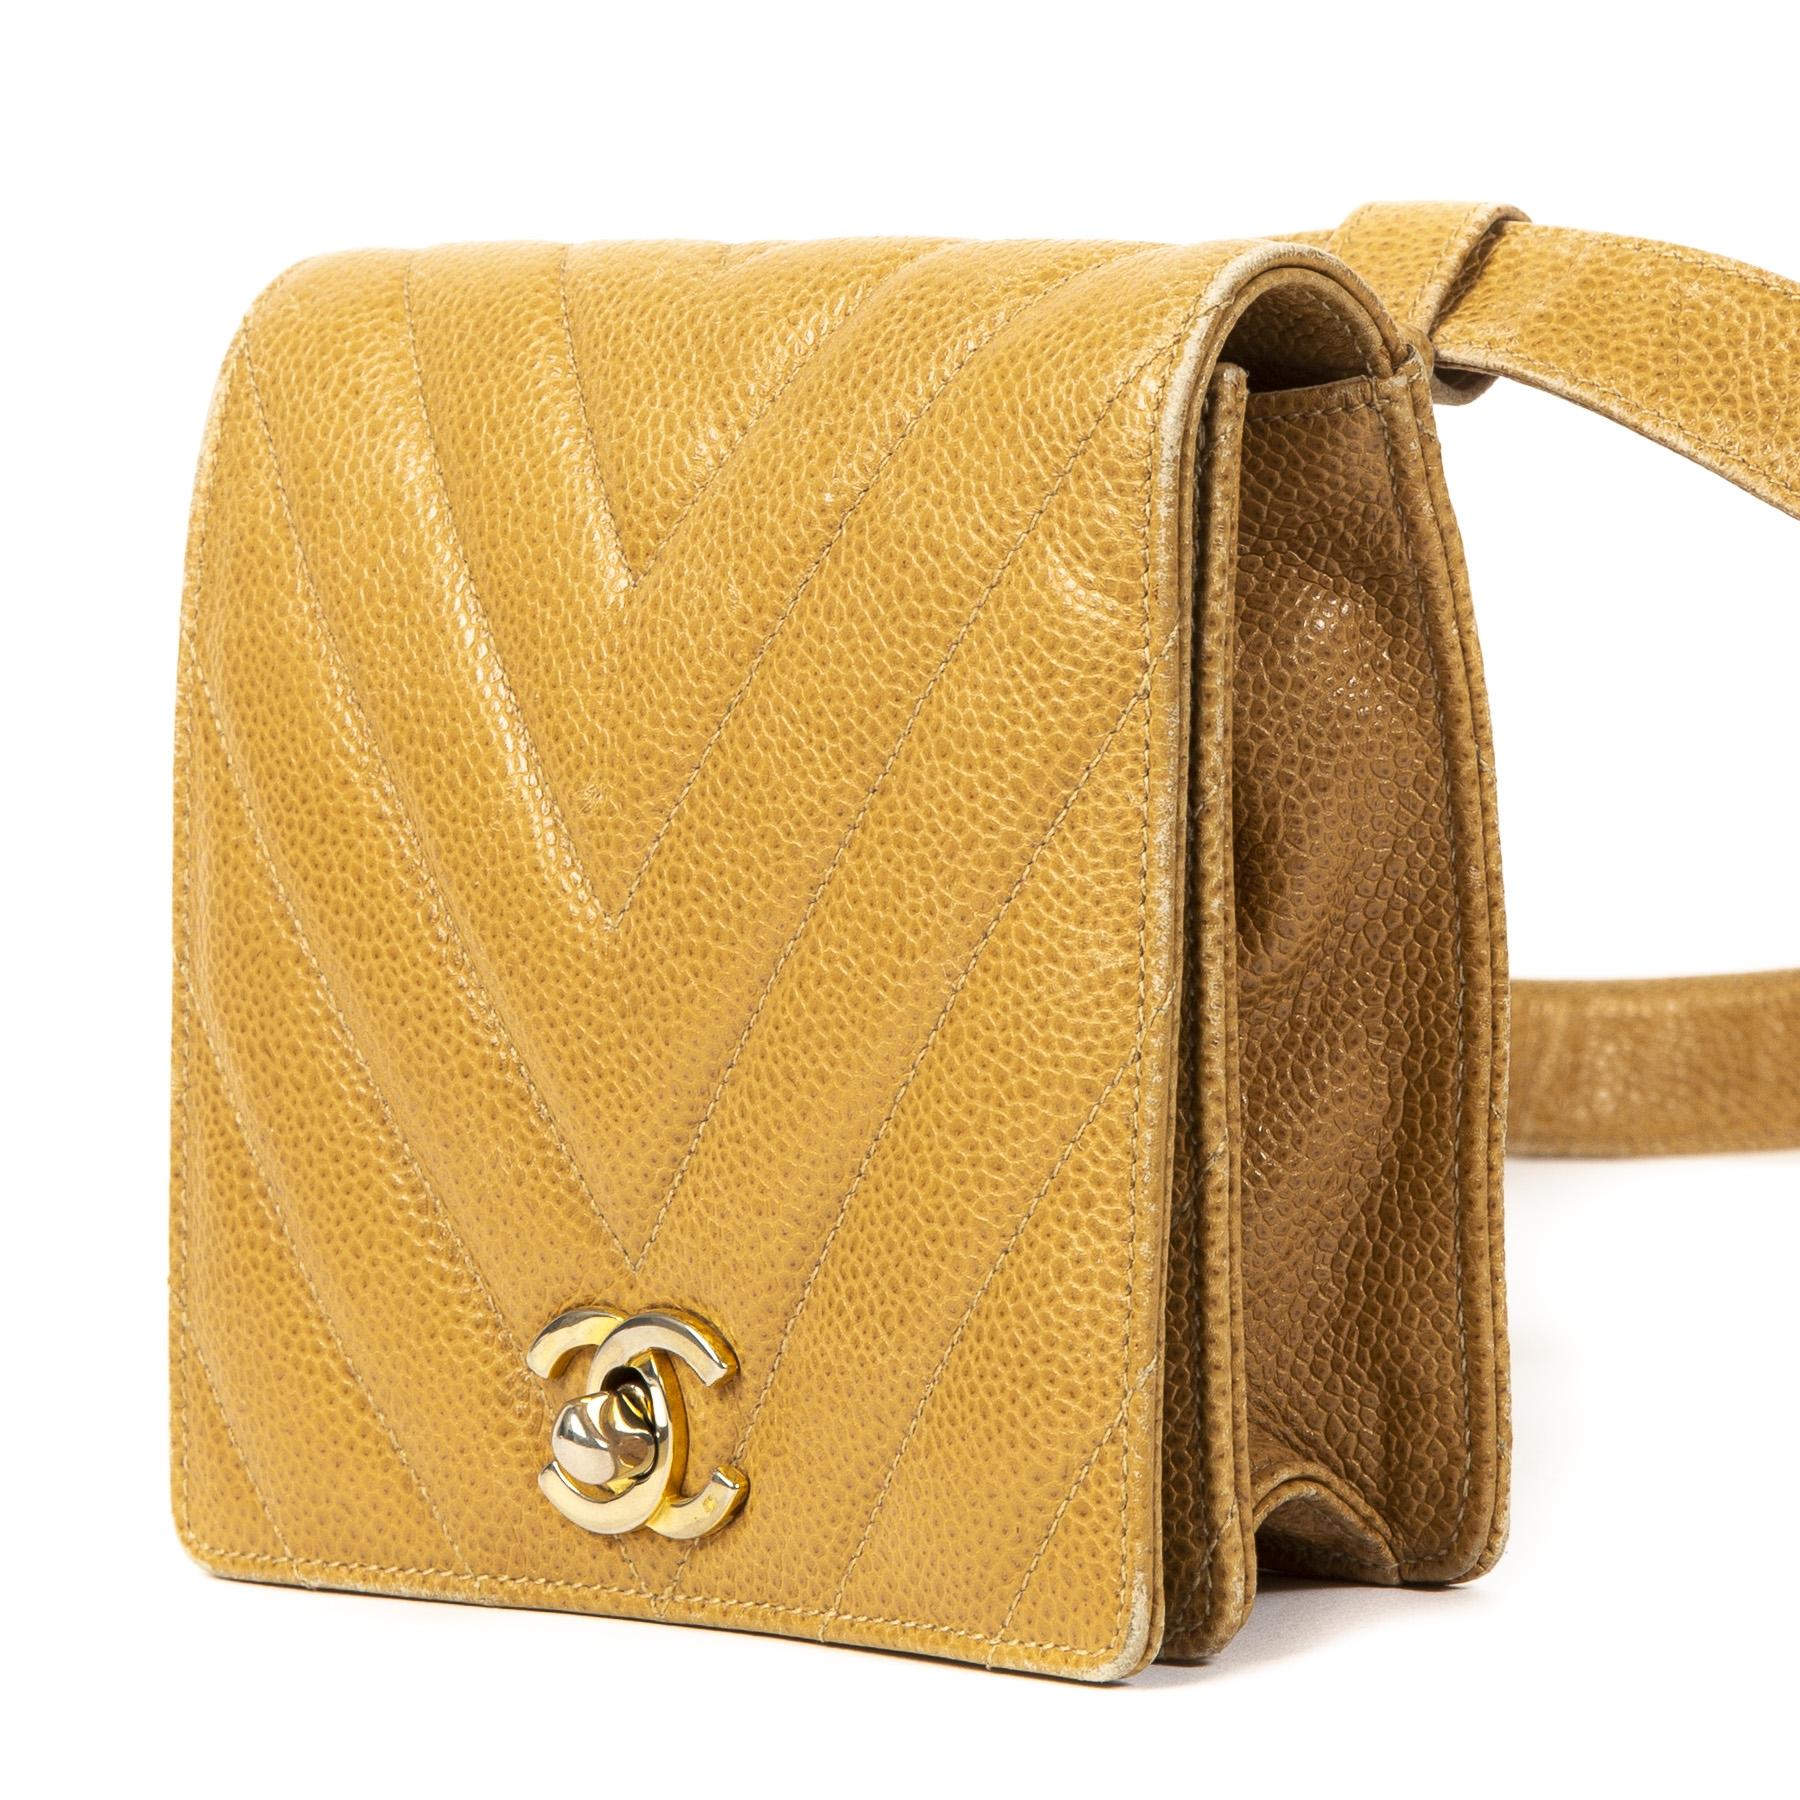 Authentieke Tweedehands Chanel Cognac Leather Square Belt Bag juiste prijs veilig online shoppen webshop luxe merken winkelen Antwerpen België